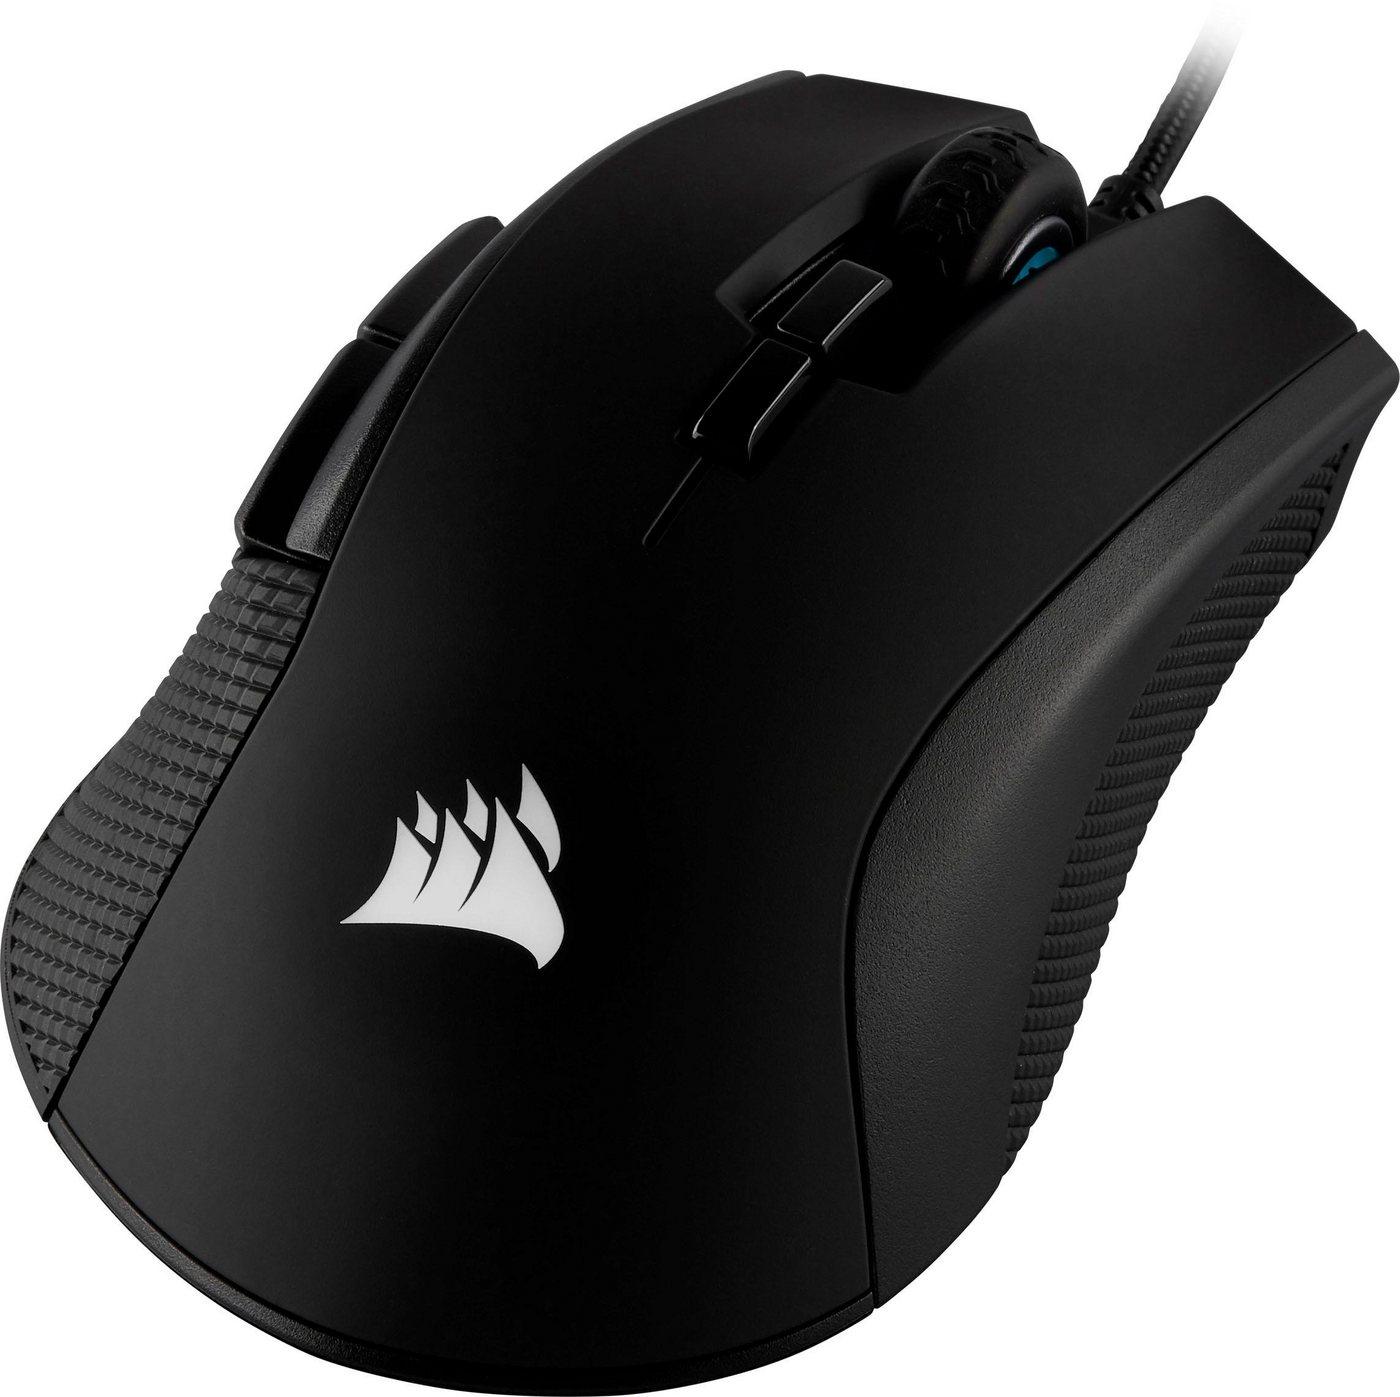 Corsair »IRONCLAW RGB« Gaming-Maus (kabelgebunden)